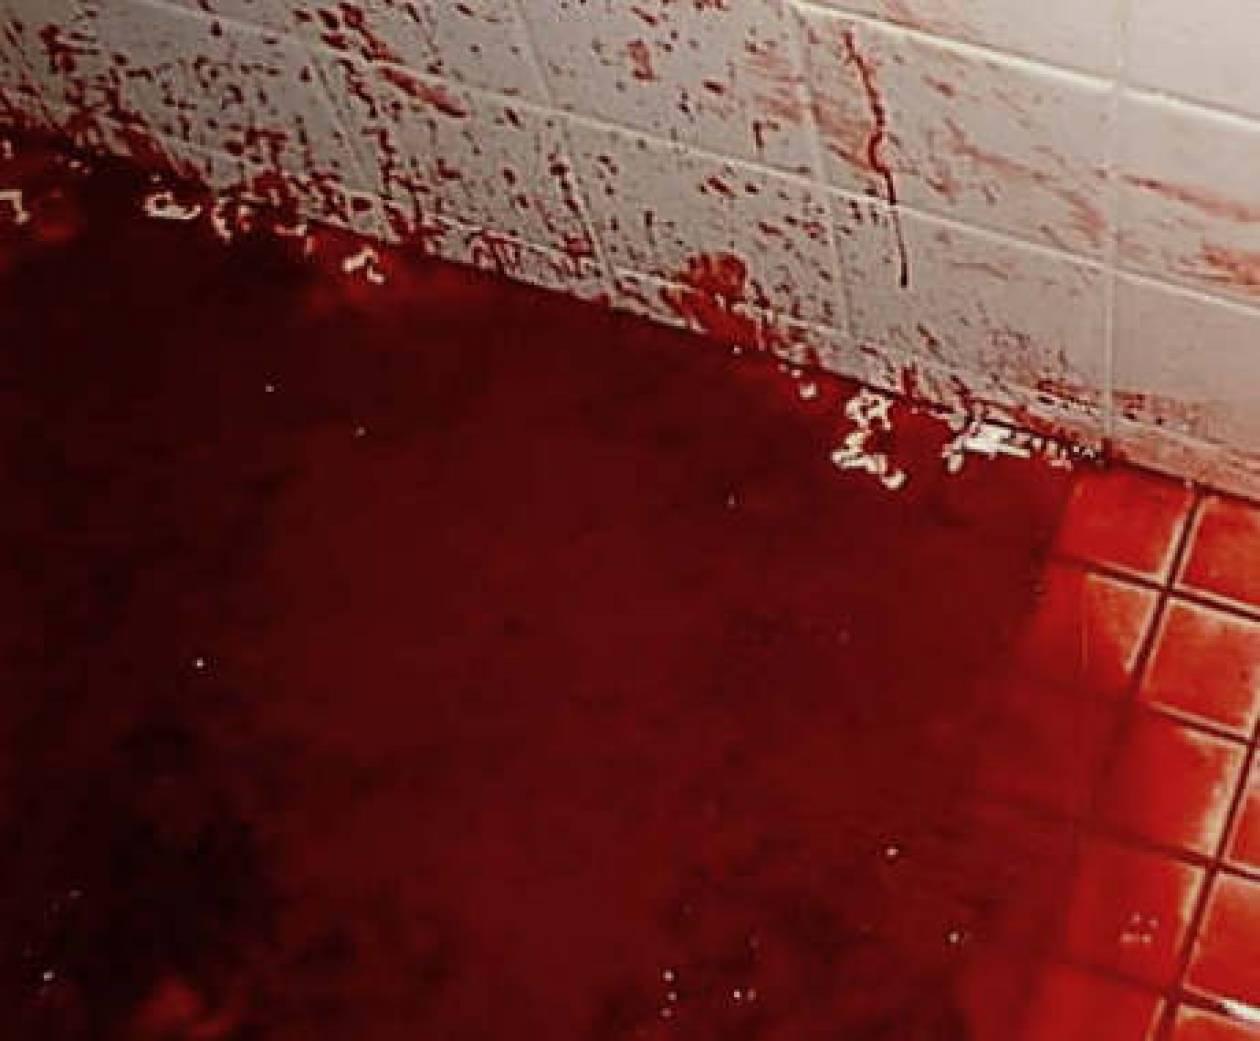 Συνελήφθη ο δολοφόνος του ιταλού τουρίστα στη Μύκονο